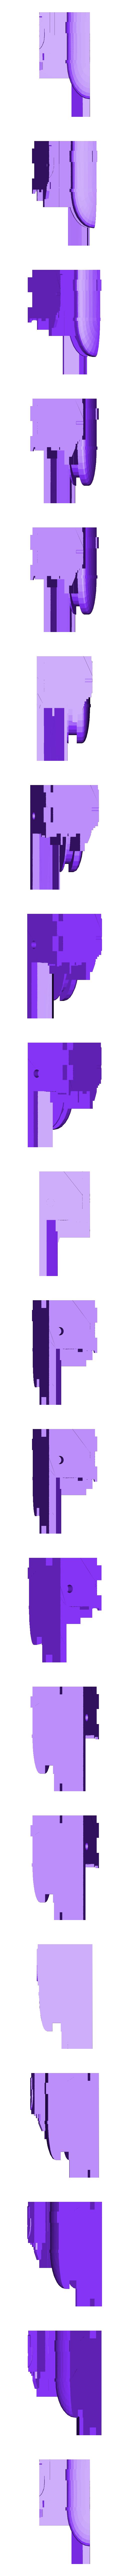 Rear_TopAB.stl Télécharger fichier STL gratuit Frégate Nebulon B (coupée et sectionnée) • Modèle pour impression 3D, Masterkookus